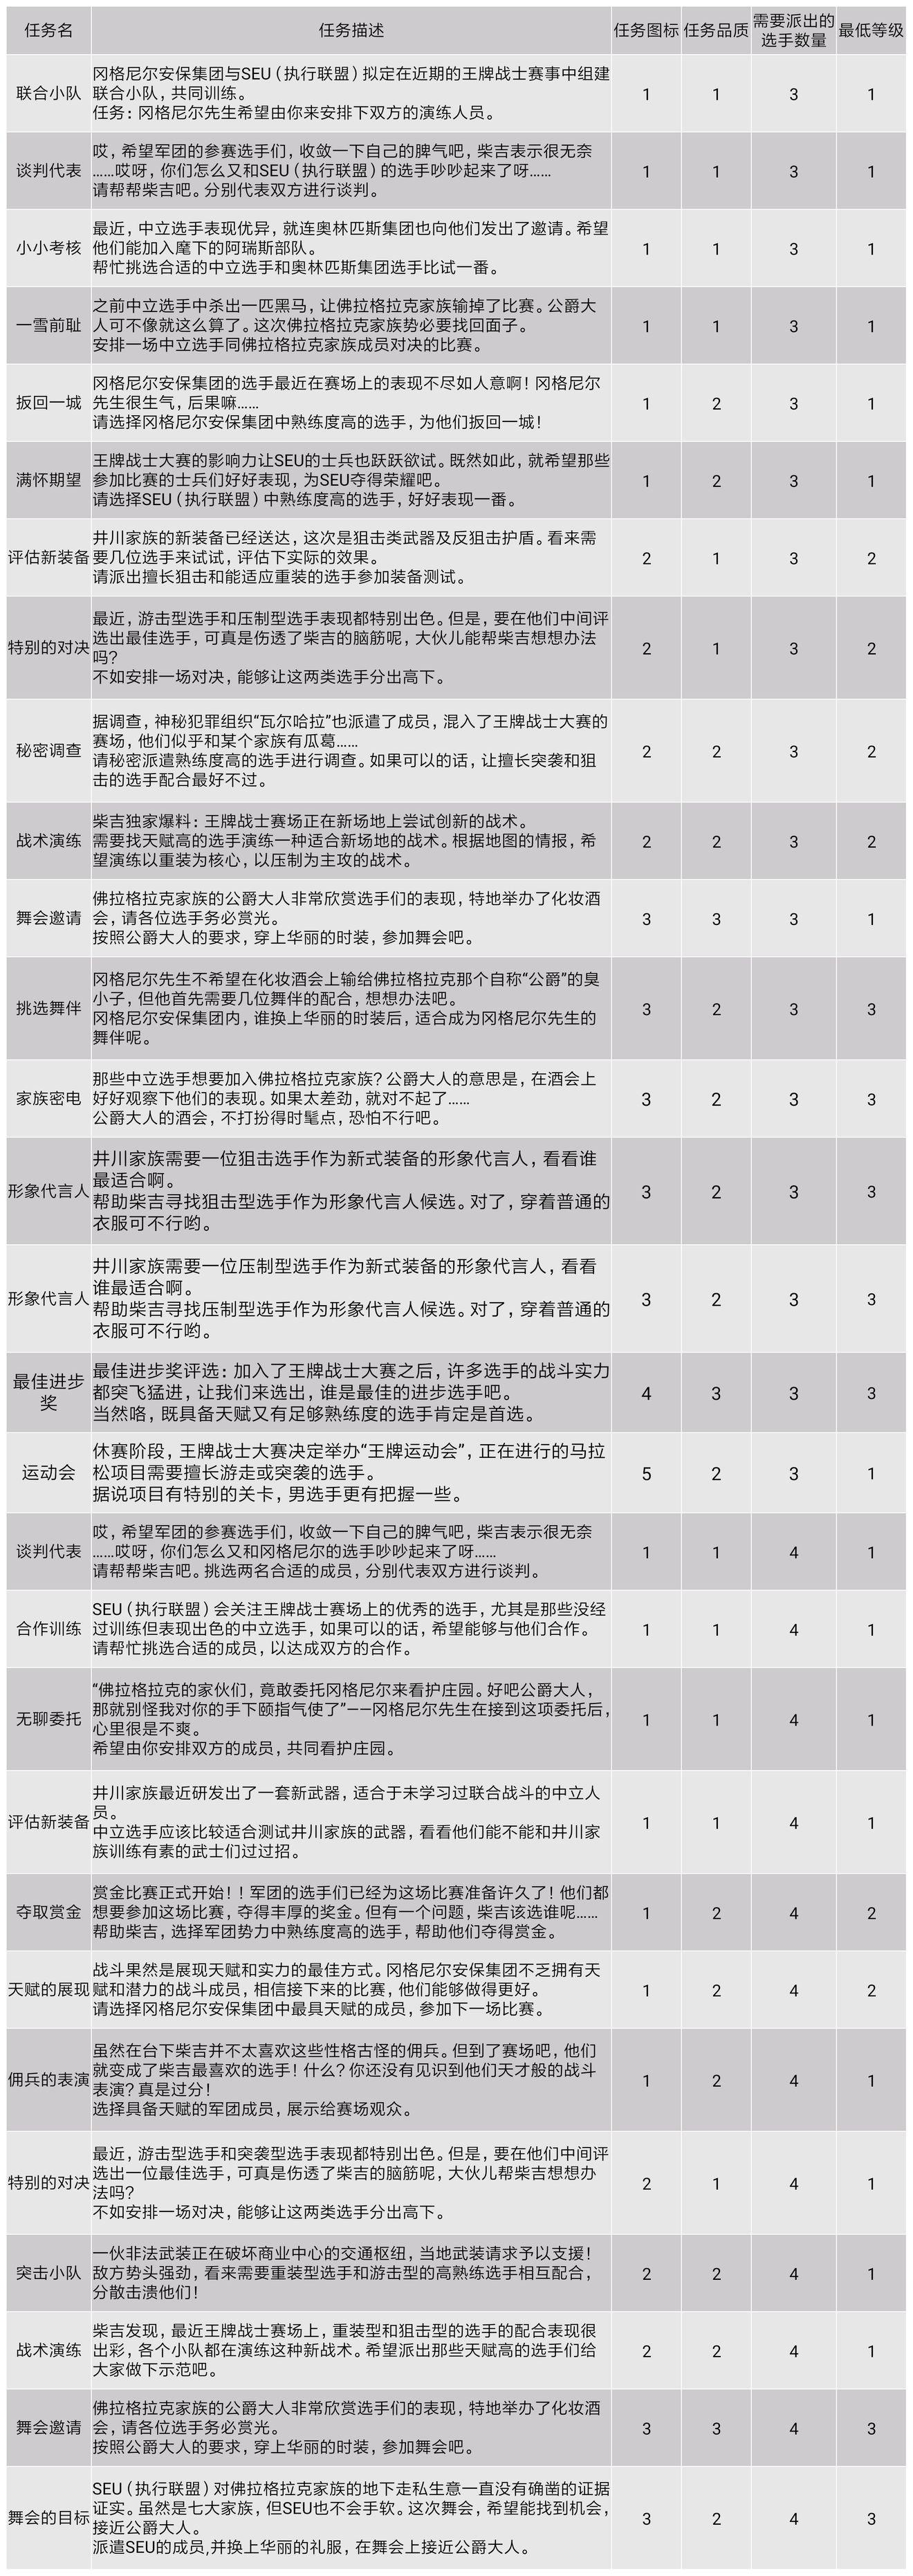 《王牌战士》情报中心任务数据详情一览